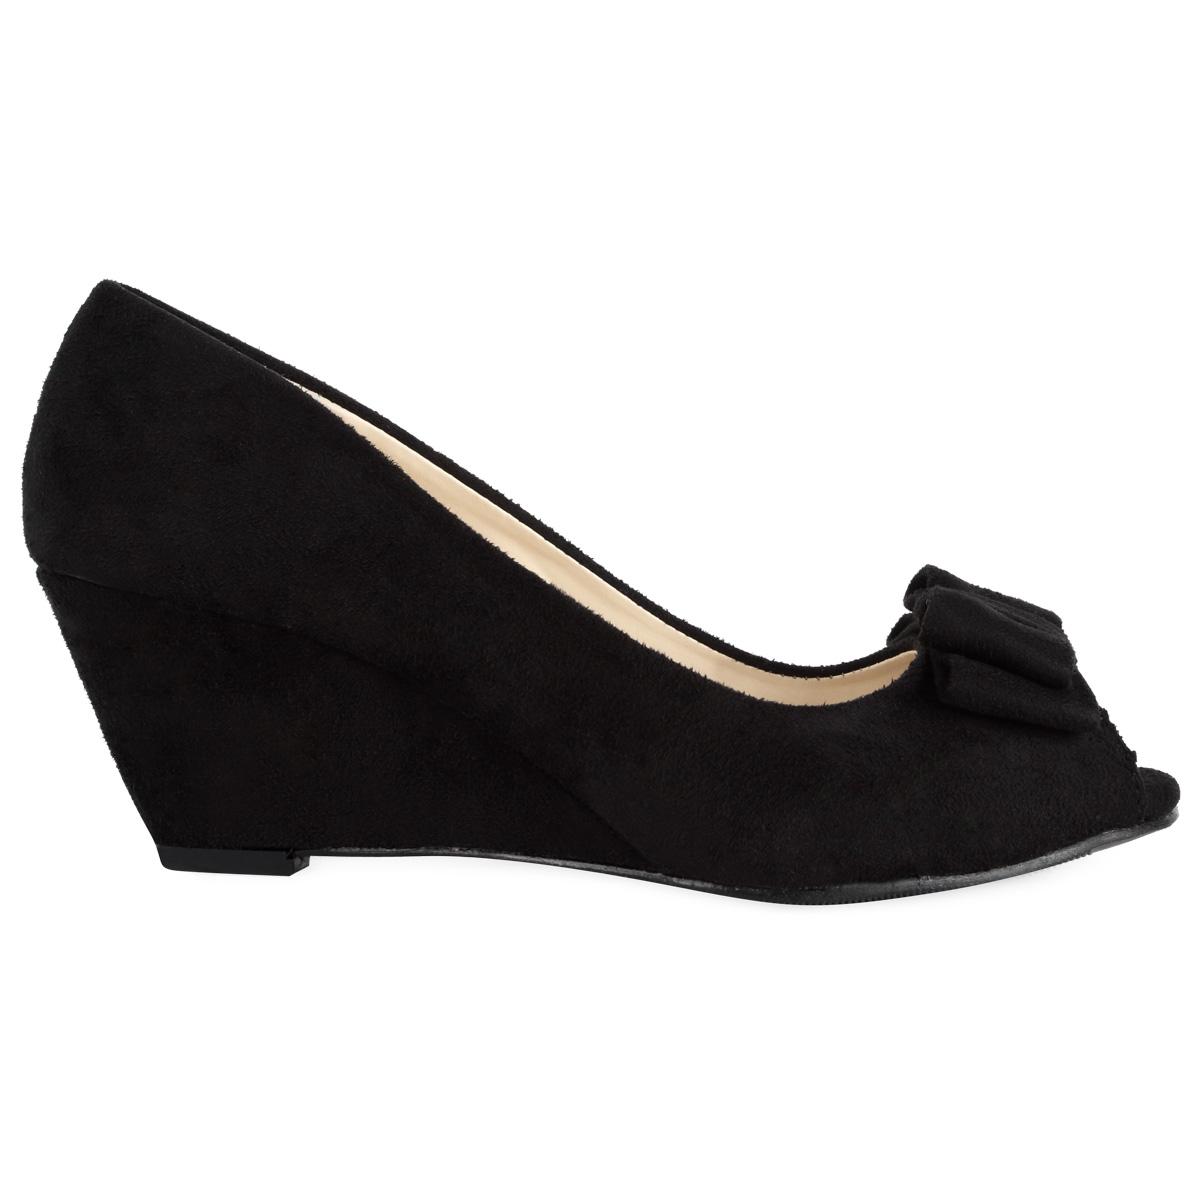 womens faux suede black low wedge heeled peep toe